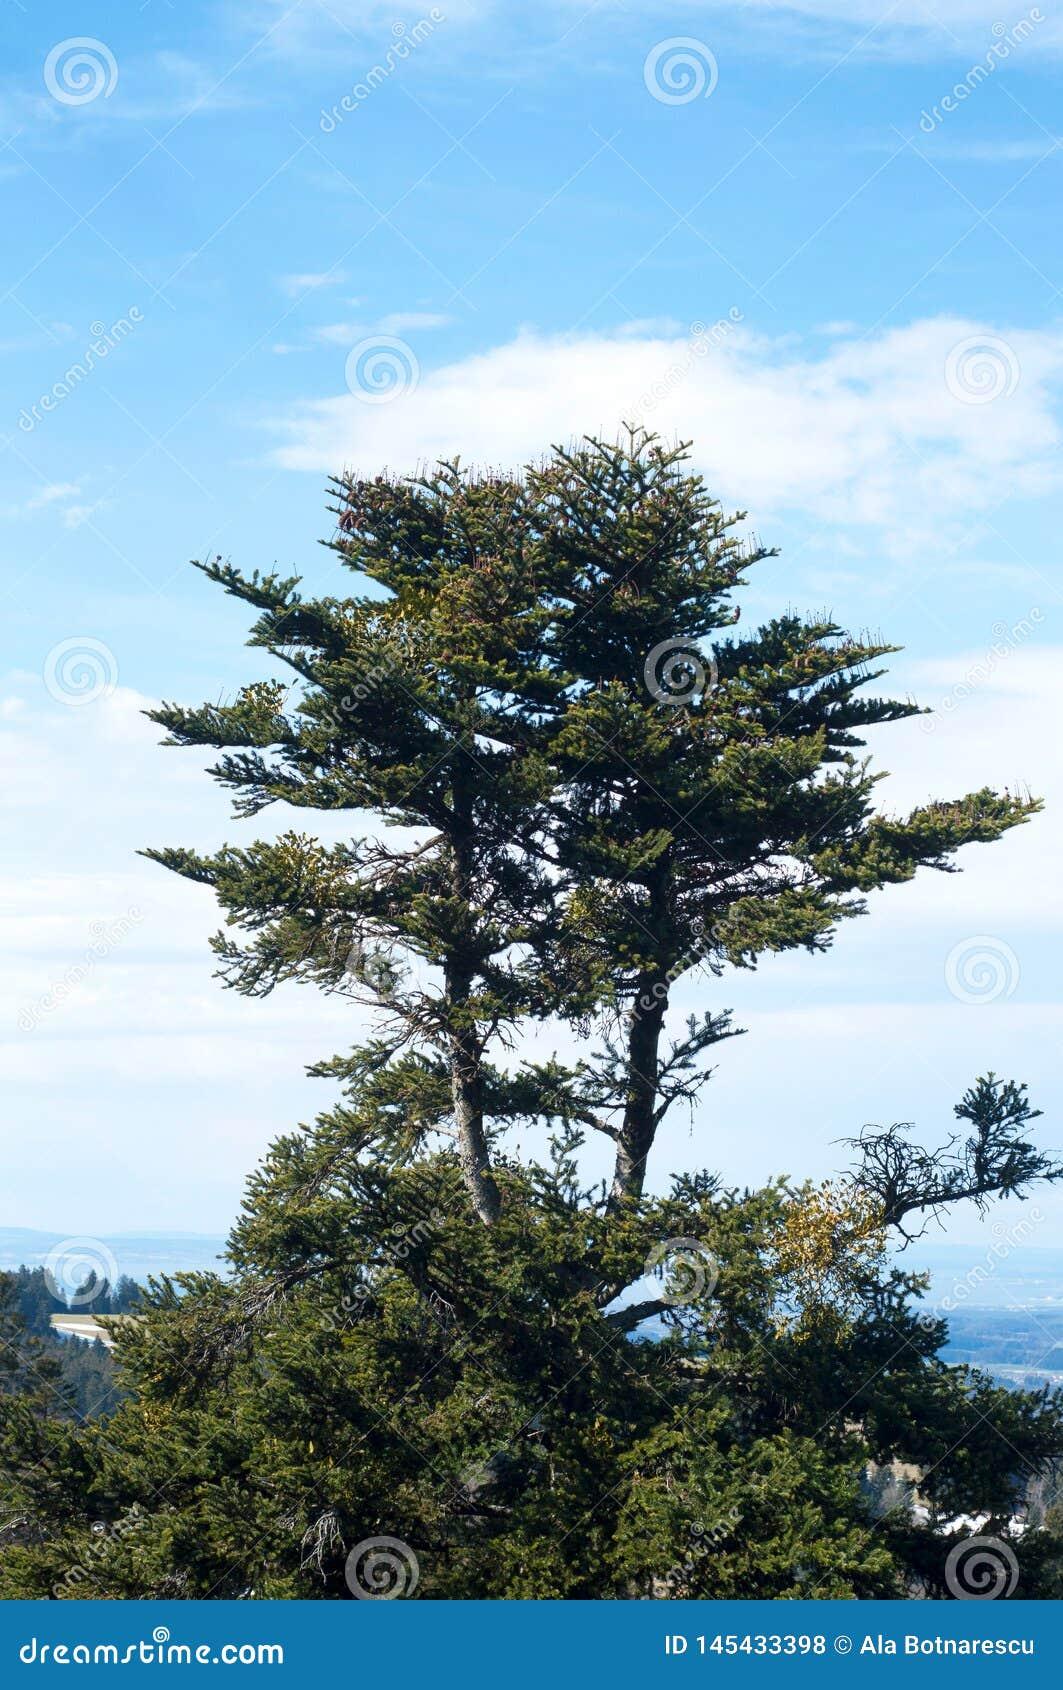 Wrzosowiskowy Calluna vulgaris i sosny w naturze na niebieskim niebie